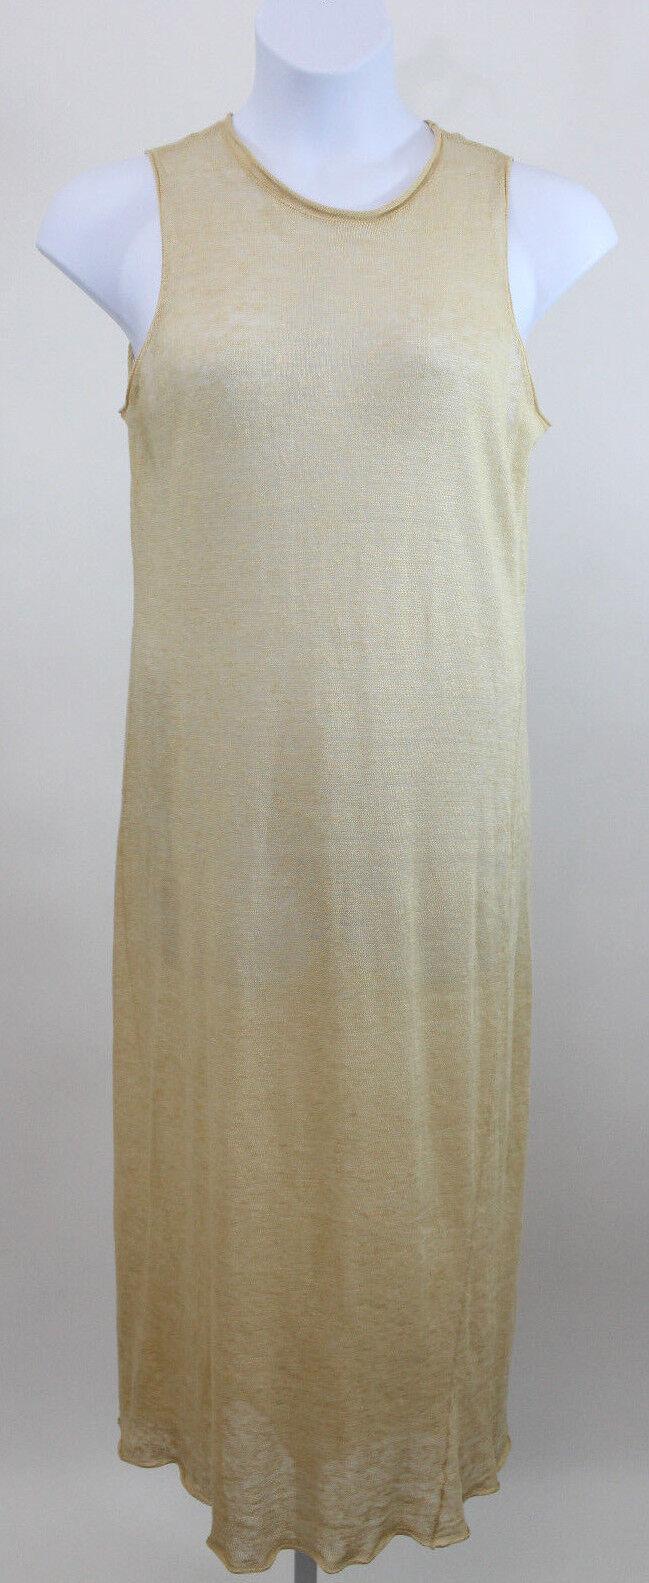 Ralph Ralph Lauren Tan Linen Knit Knit Knit Maxi Dress SZ M 08e6ed